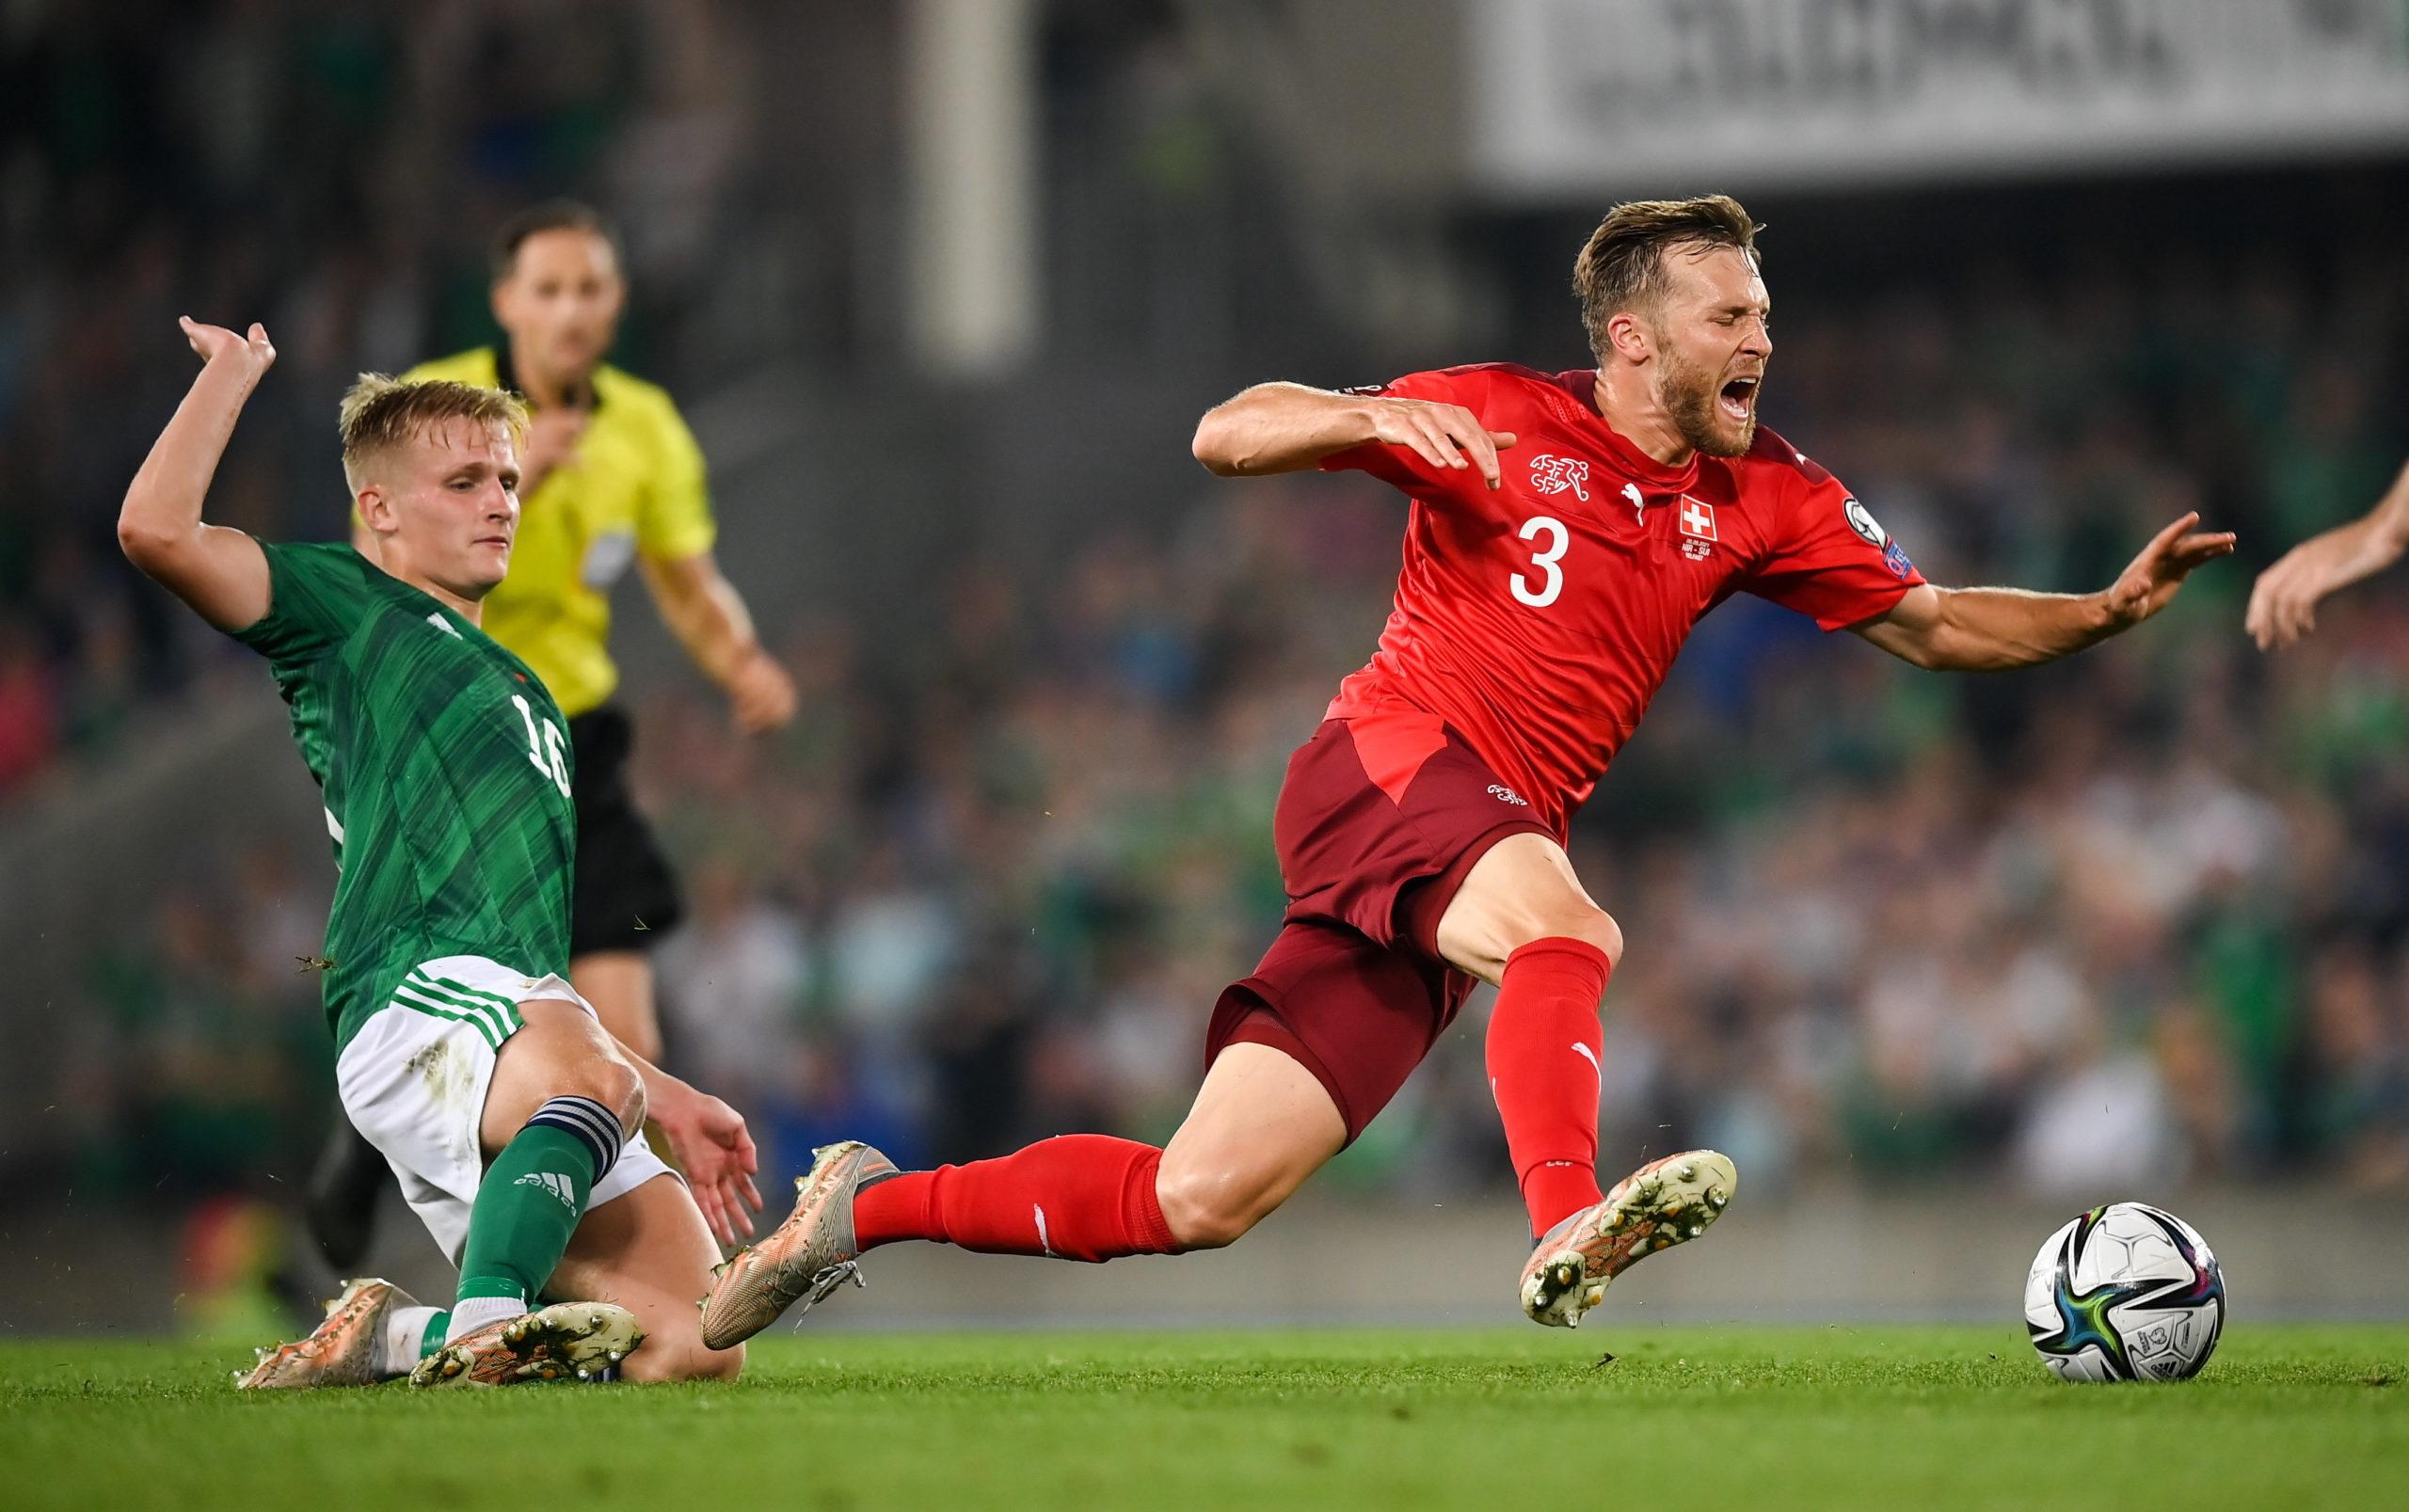 Northern Ireland v Switzerland - FIFA World Cup 2022 Qualifier Group C